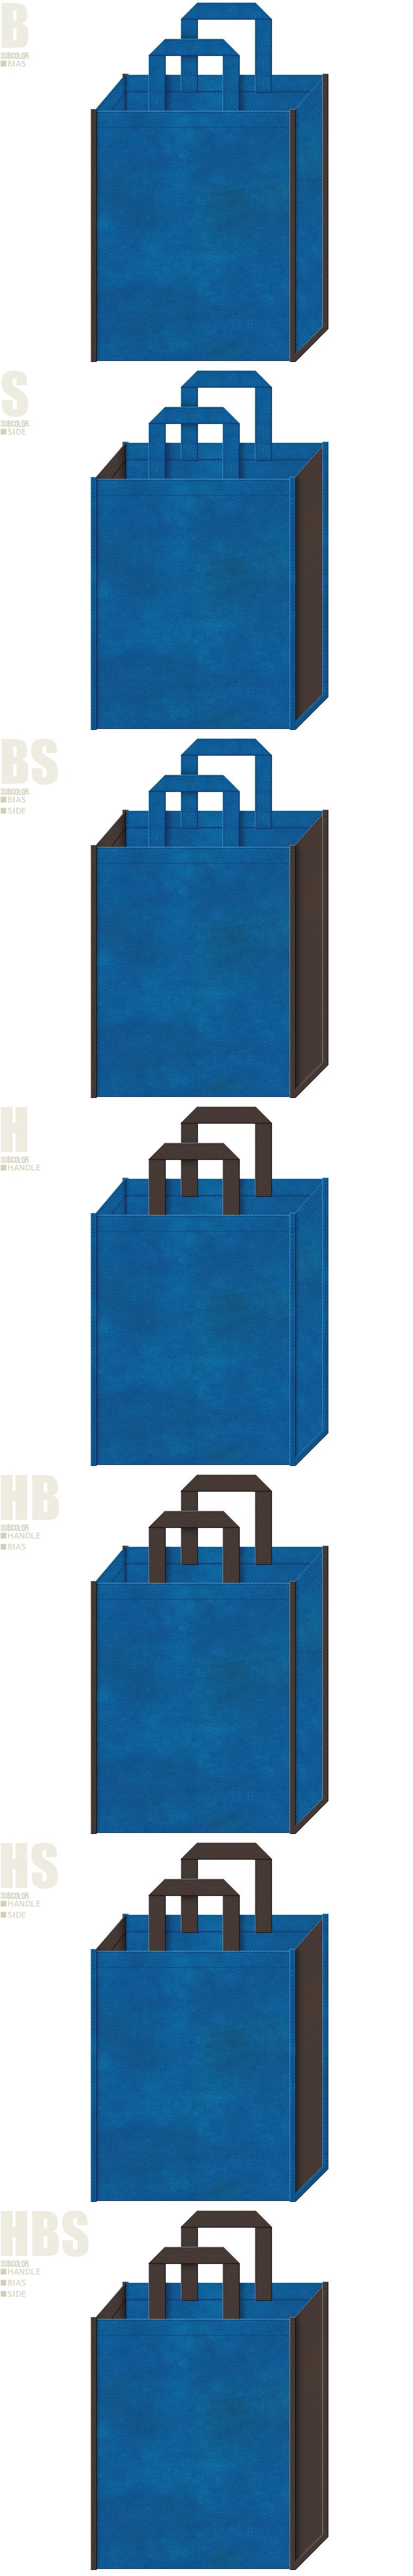 父の日ギフトのショッピングバッグにお奨めの不織布バッグデザイン:青色とこげ茶色の不織布バッグ配色7パターン